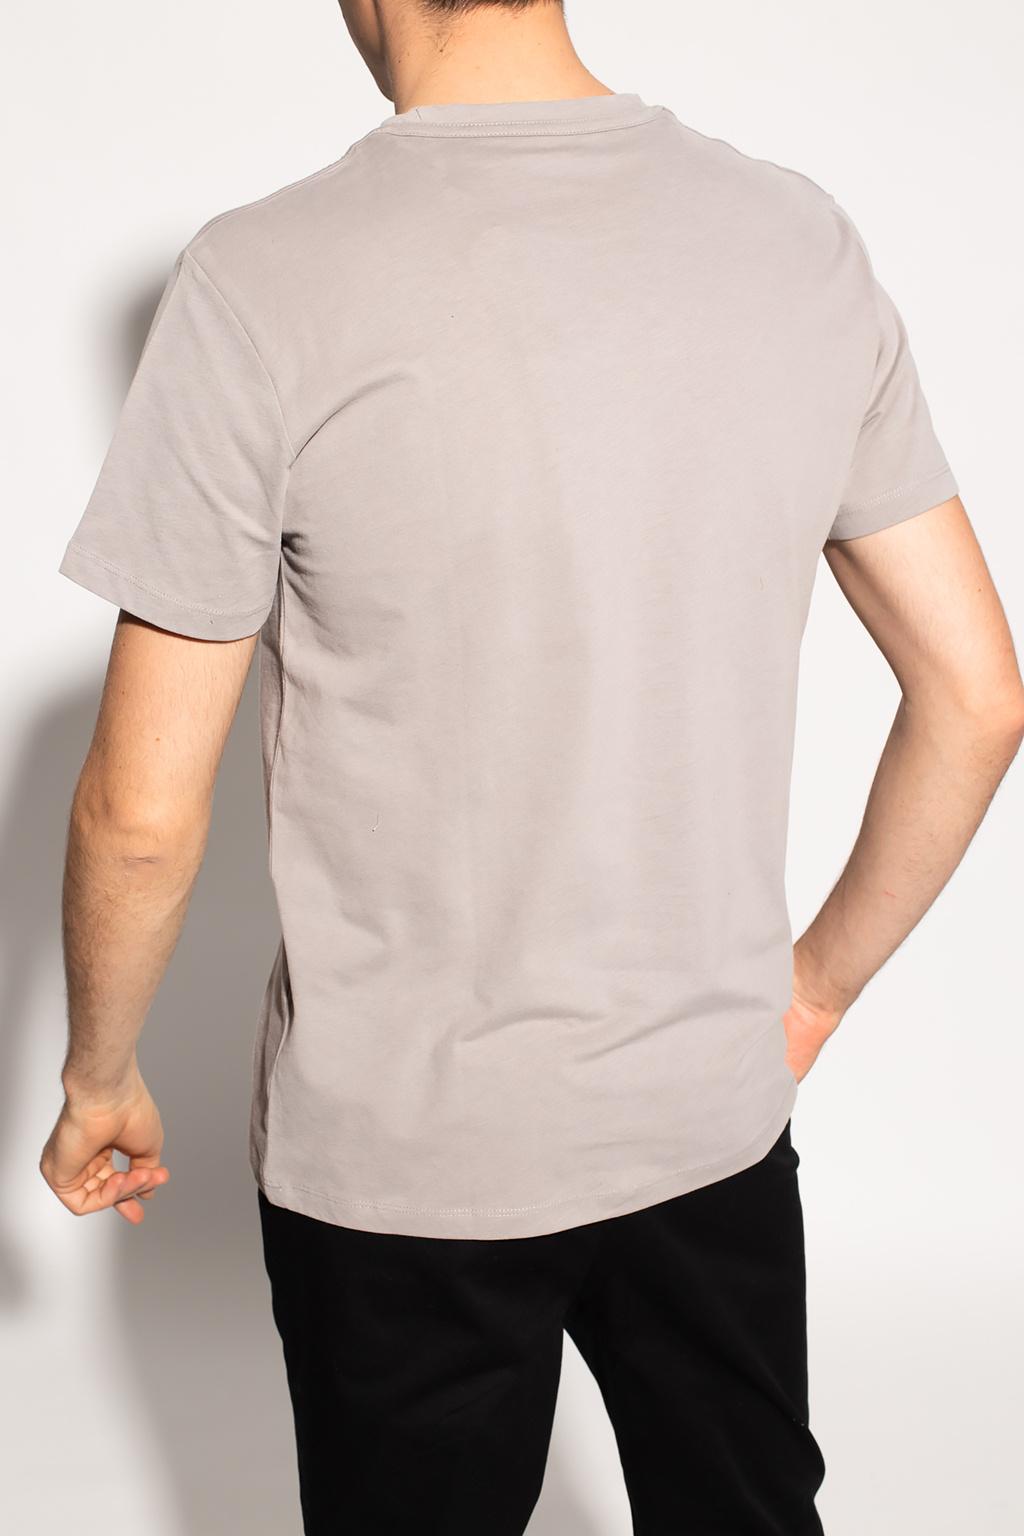 AllSaints 'Brace' T-shirt